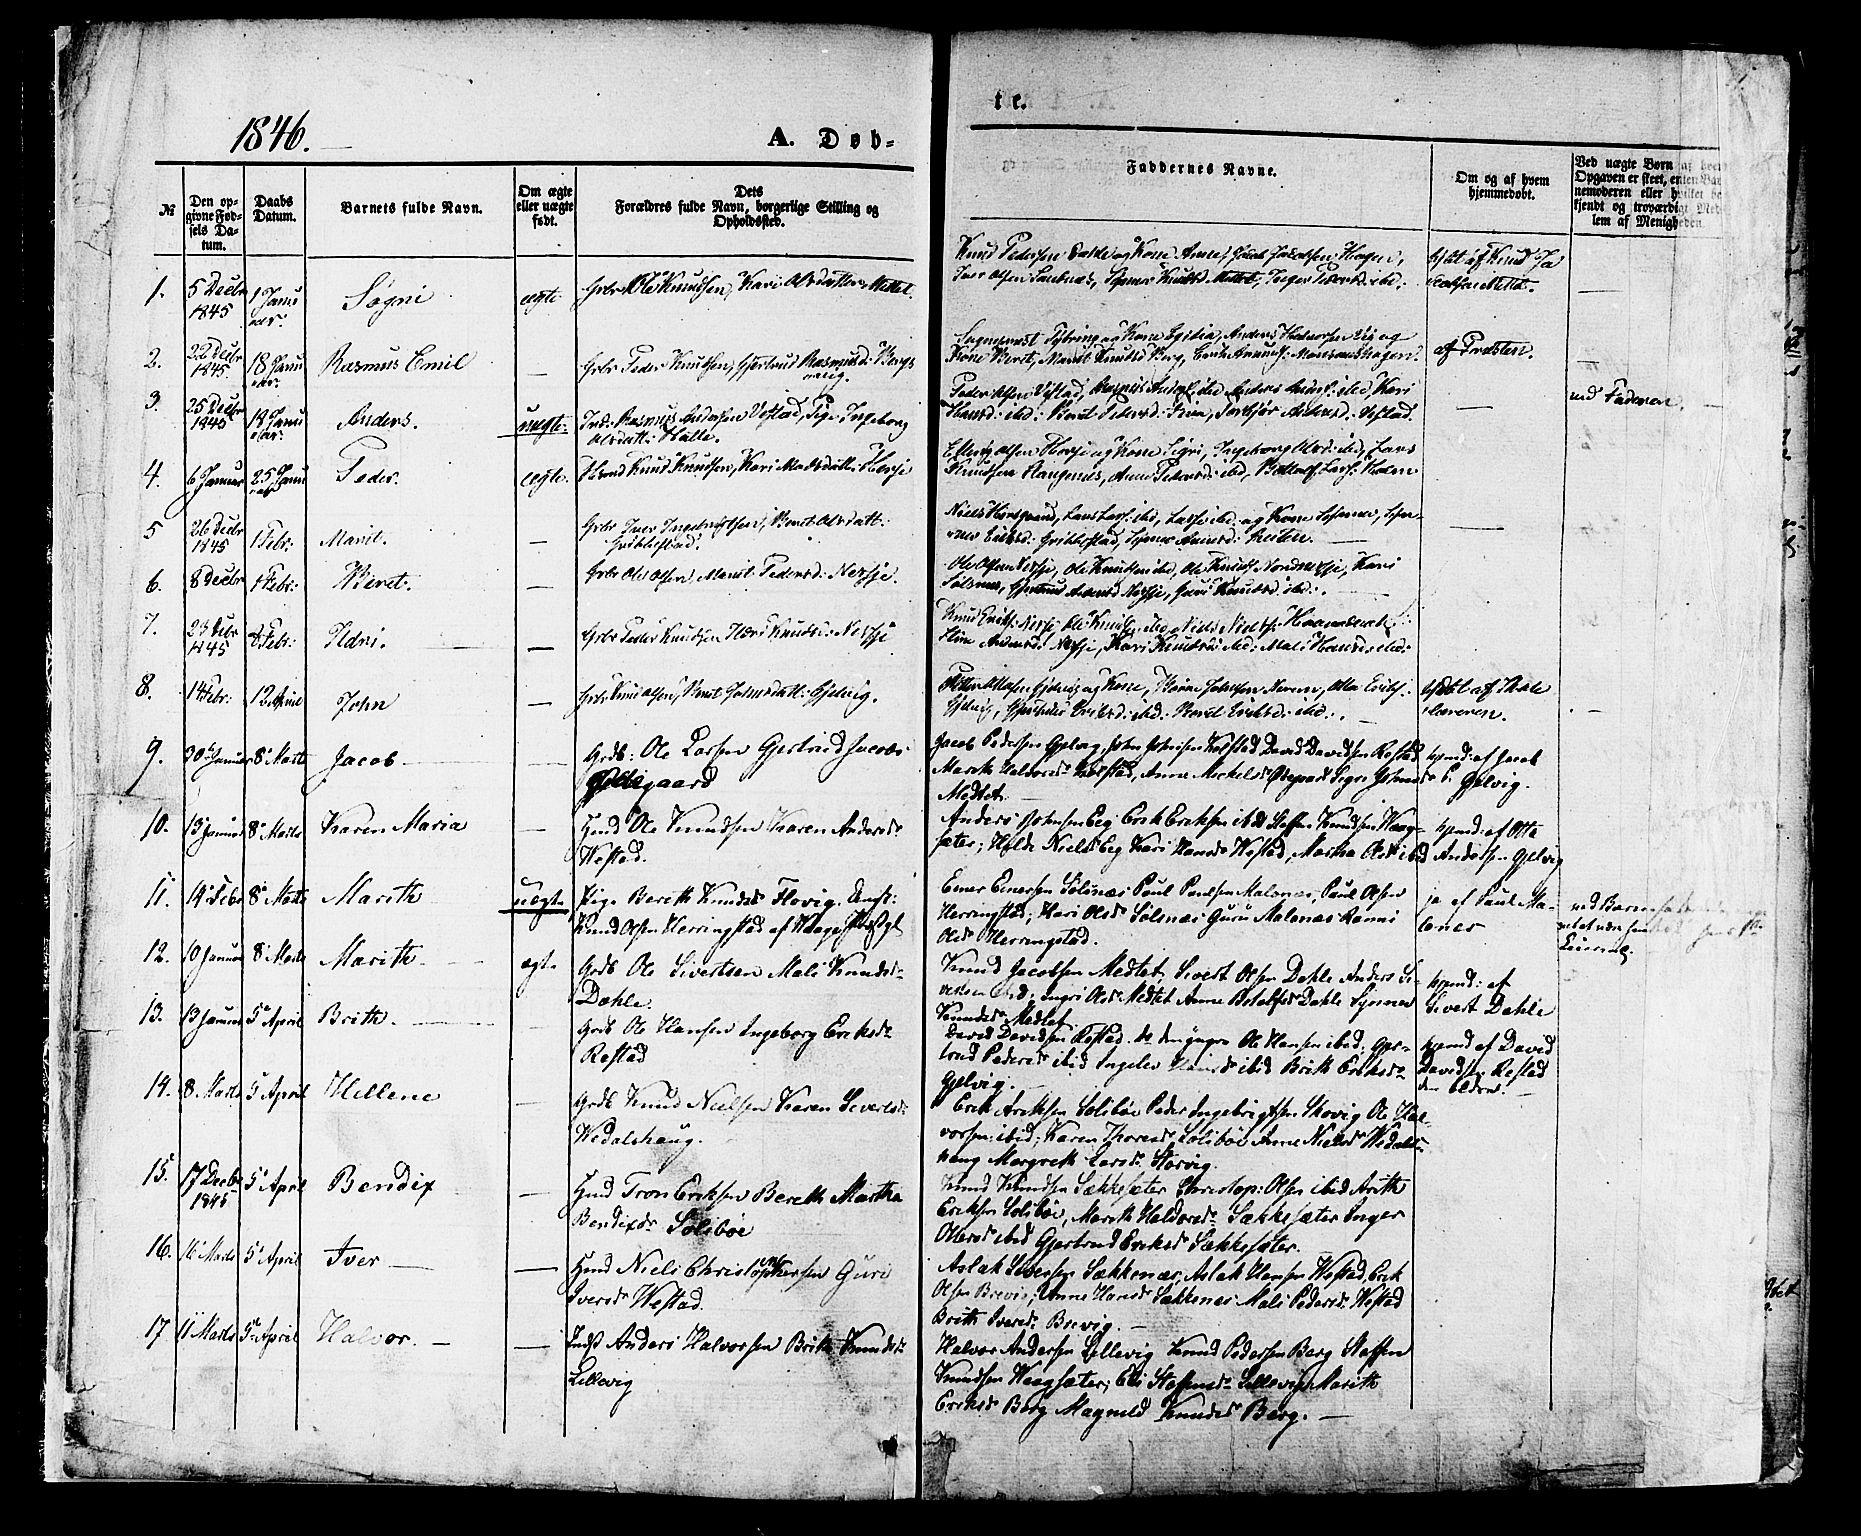 SAT, Ministerialprotokoller, klokkerbøker og fødselsregistre - Møre og Romsdal, 547/L0603: Ministerialbok nr. 547A05, 1846-1877, s. 1